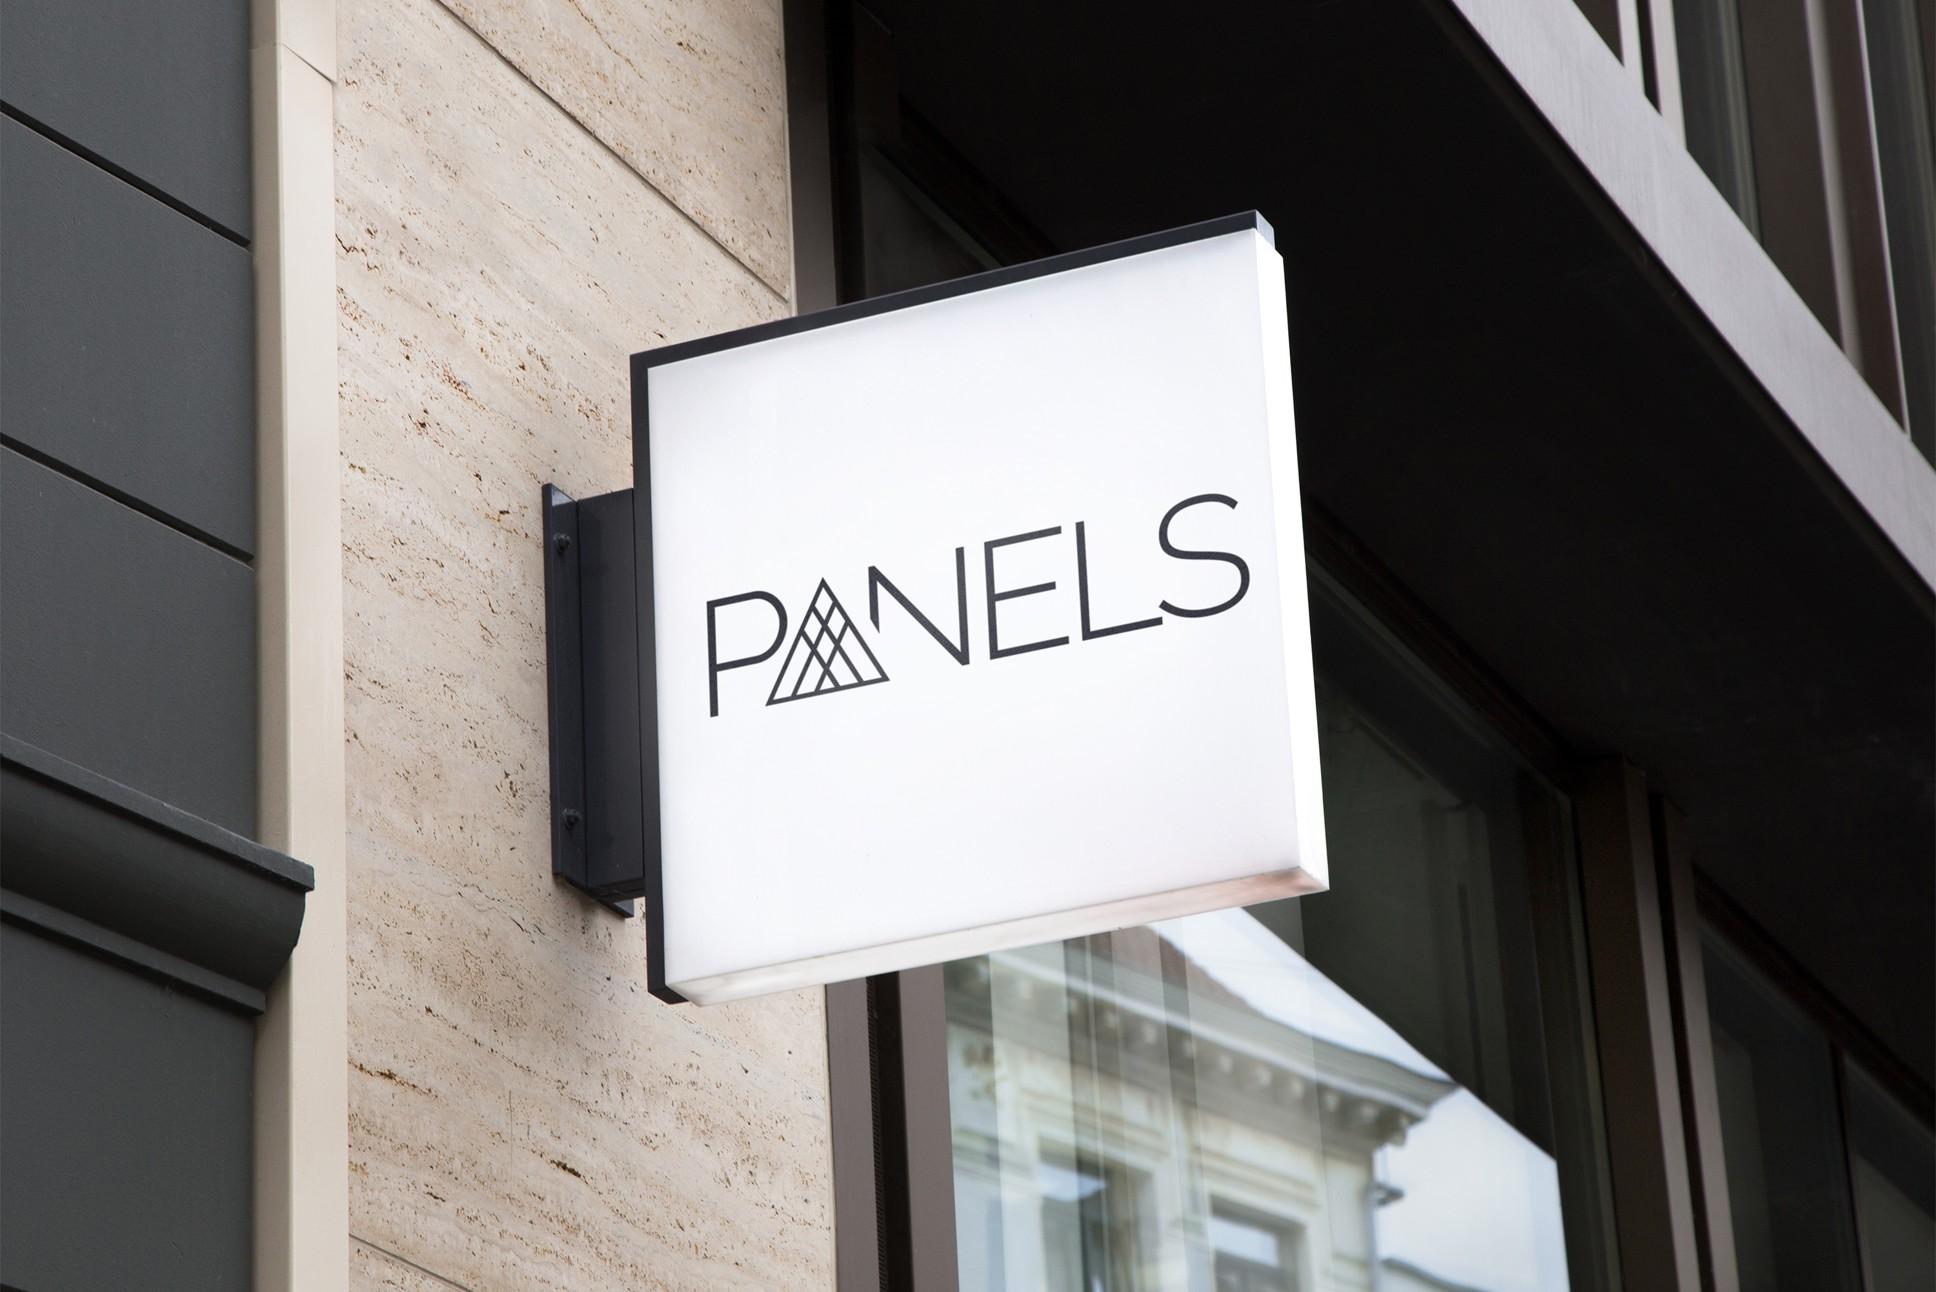 Vytvoření logotypu - Panels.cz | VV grafické studio